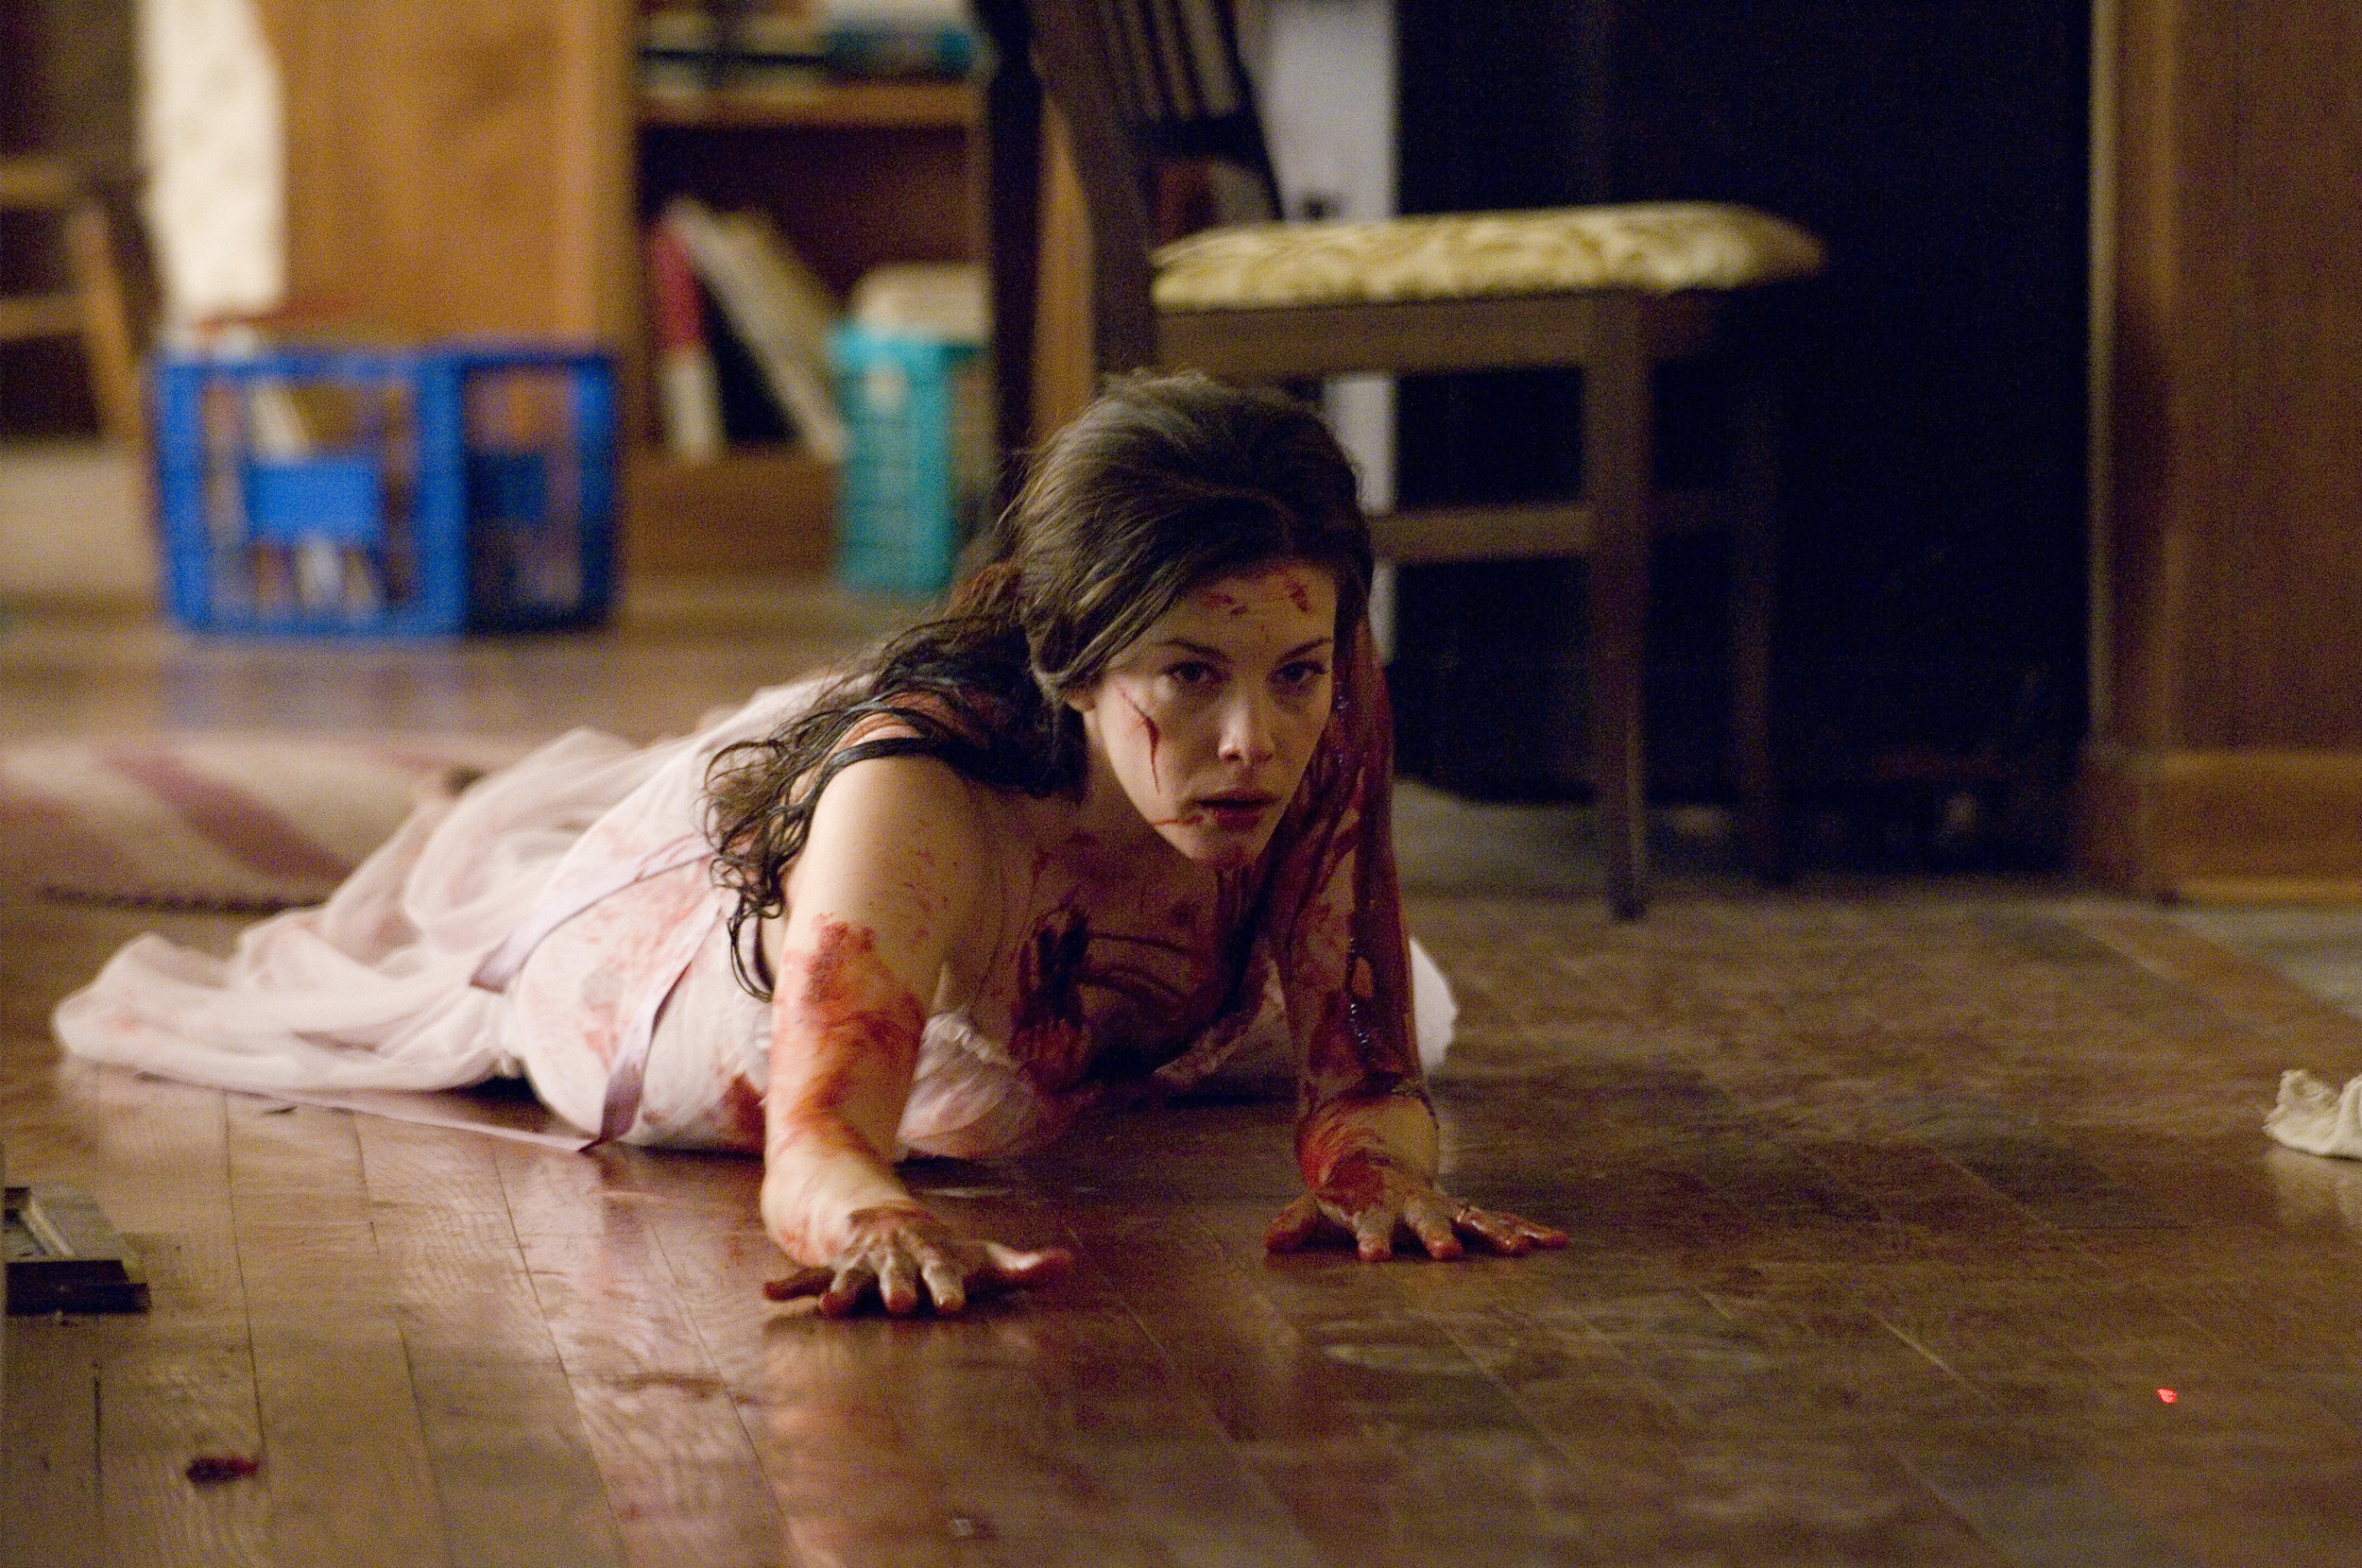 Liv-Tyler-horror-actresses-7082335-2560-1700.jpg